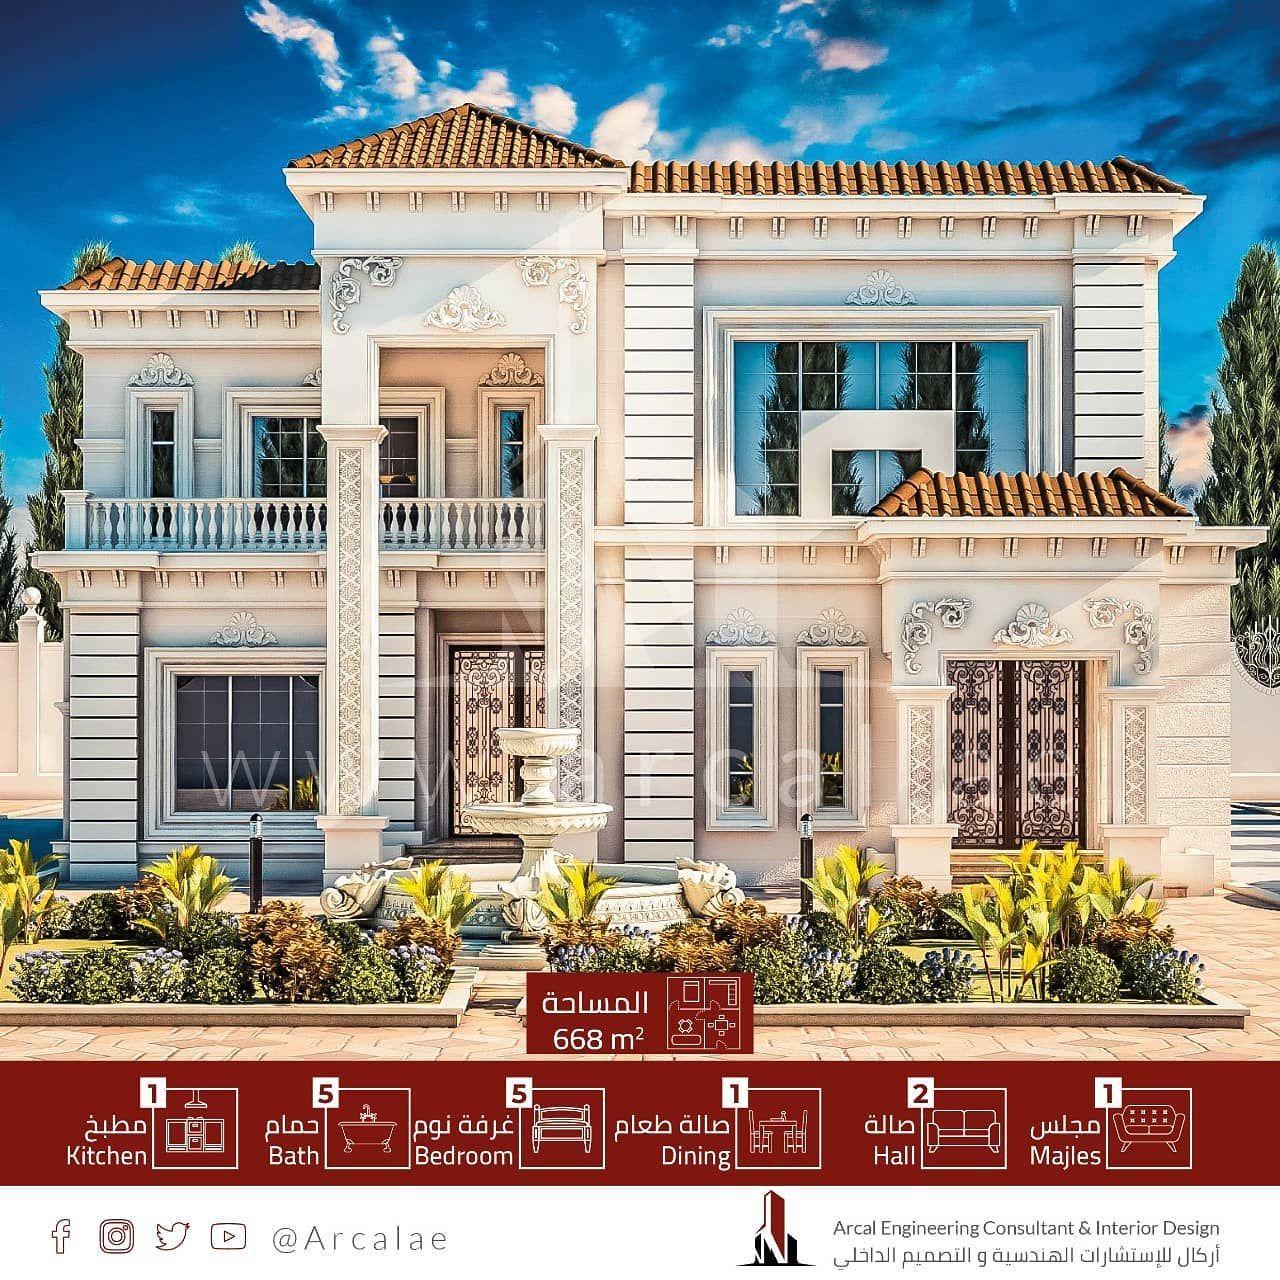 تصميم فيلا سكنية نيوكلاسيك احد مشاريعنا المميزة في الوقن أبوظبي بمساحة 668 م موزعة على طابقين وتتكون من مجلس عدد 2 صالة صا House Styles Design Mansions